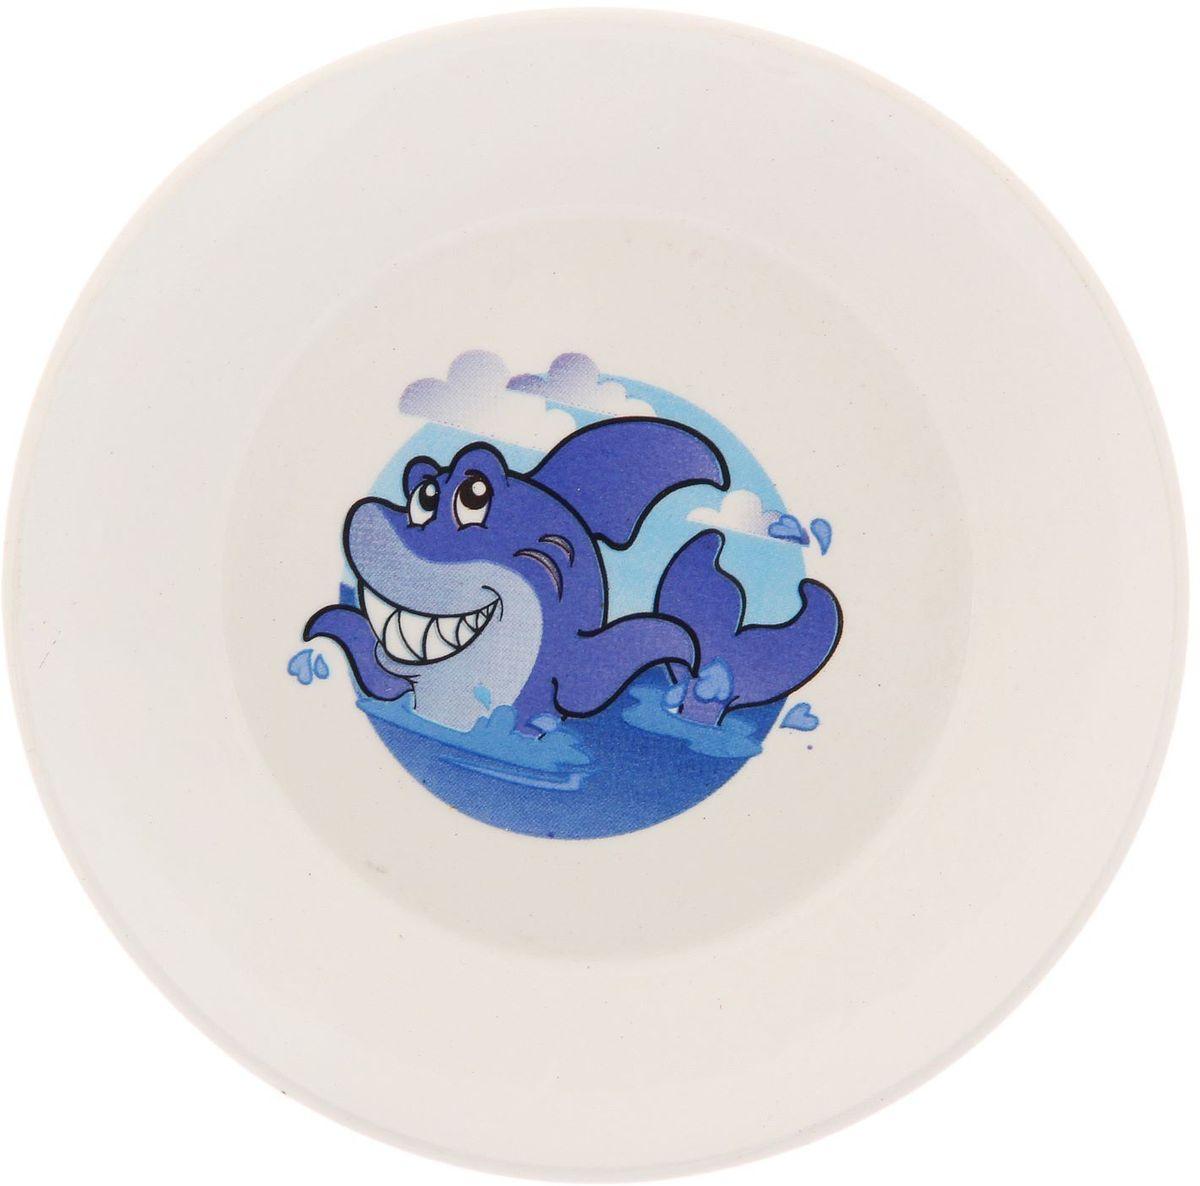 Кубаньфарфор Блюдце Морской мир2220069Фаянсовая детская посуда с забавным рисунком Морской мир понравится каждому малышу. Изделие из качественного материала станет правильным выбором для повседневной эксплуатации и поможет превратить каждый прием пищи в радостное приключение.